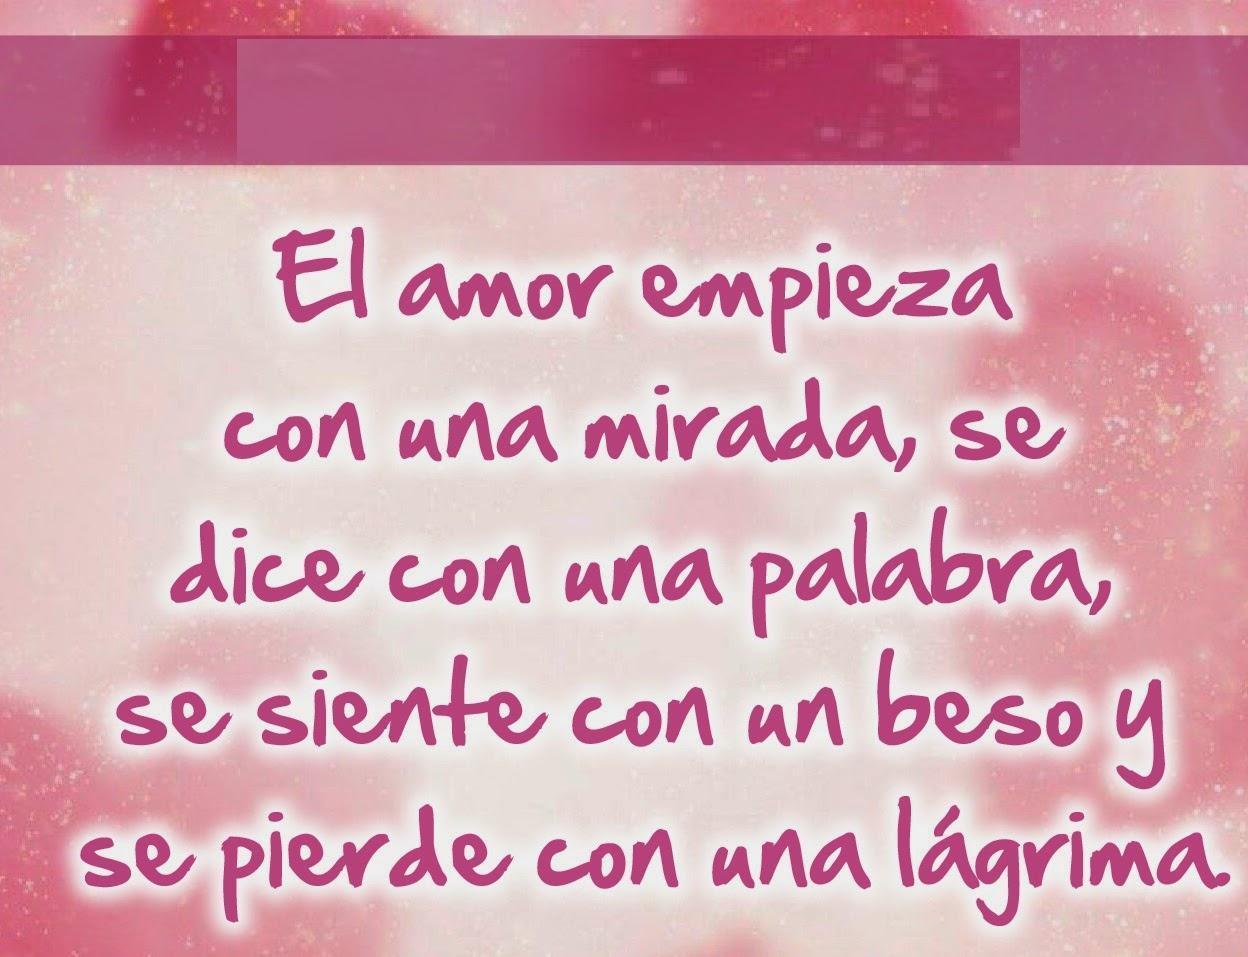 Mensagens De Amor Romanticas: Imagenes Con Dedicaciones De Amor